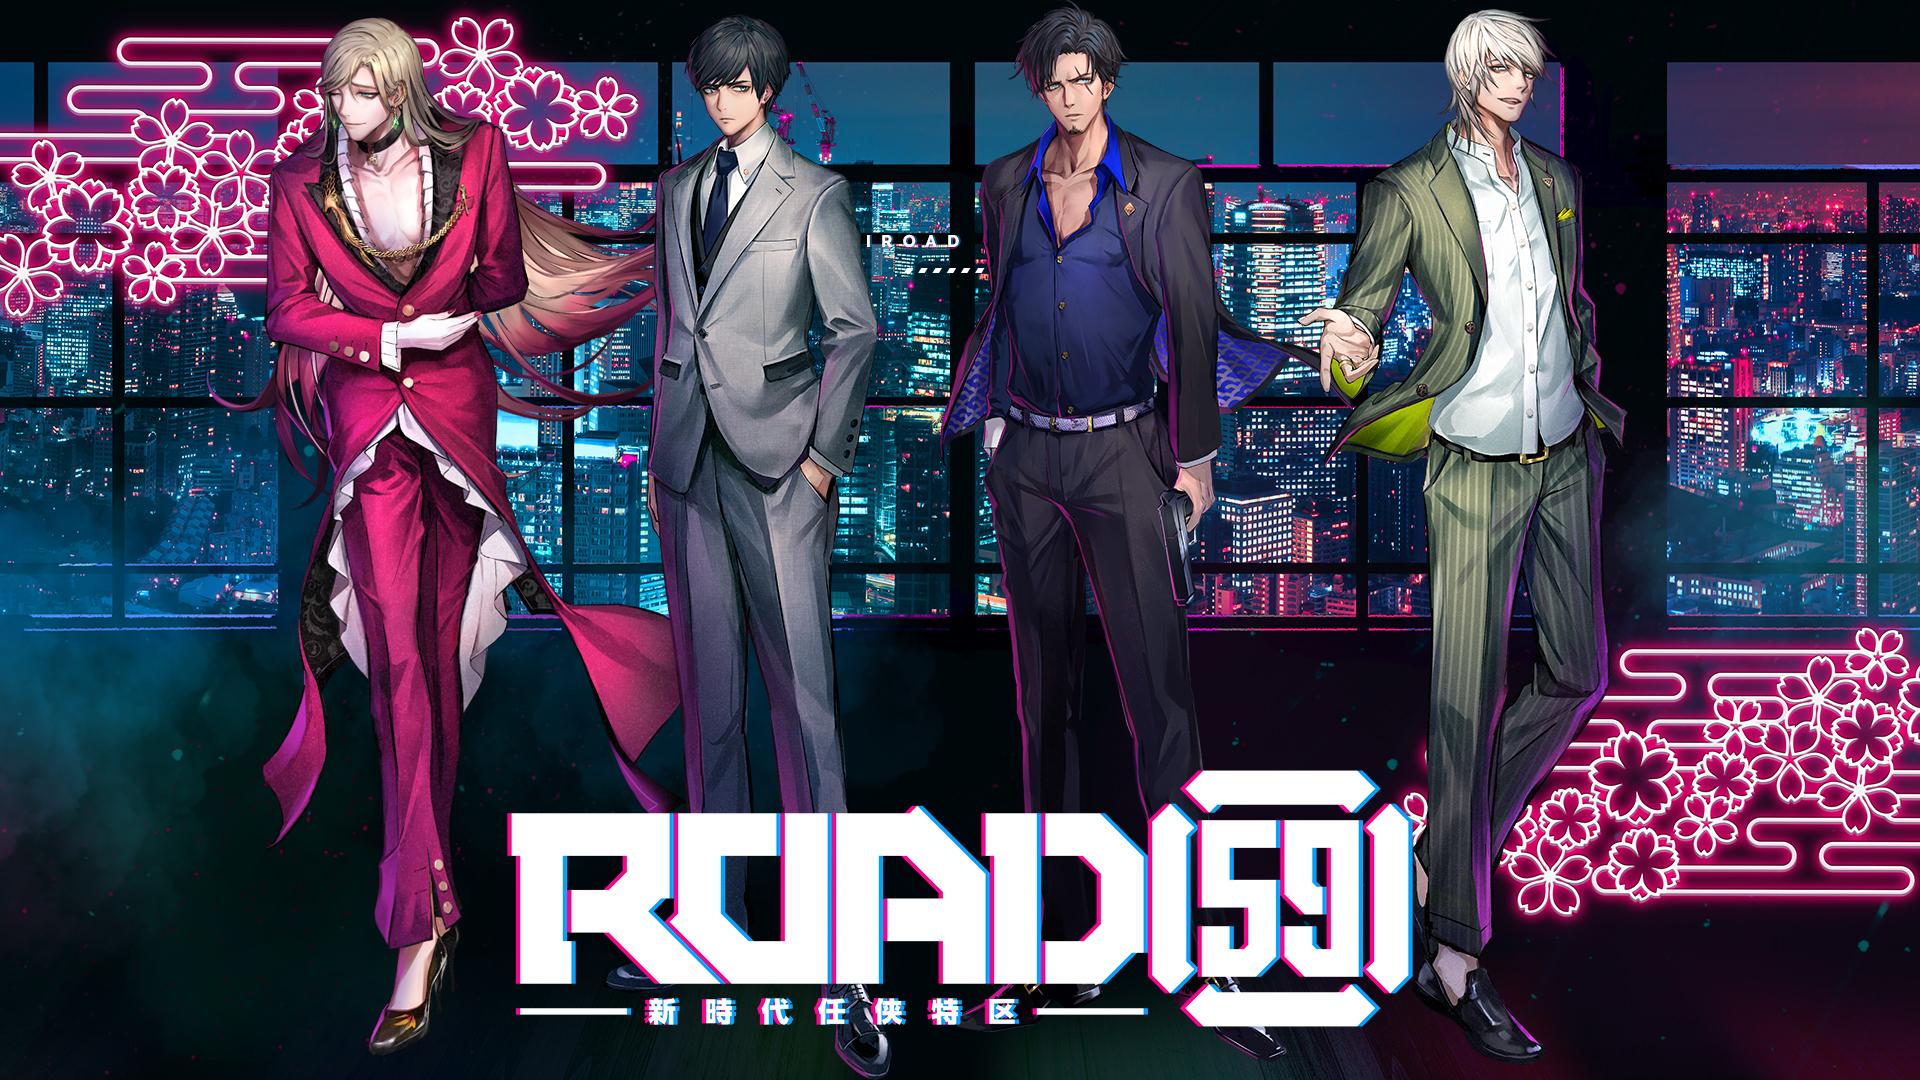 任侠がテーマの『ROAD59 -新時代任侠特区-』京本政樹さん、蒼井翔太さんらのキャストコメント到着!サイン色紙が当たるTwitterキャンペーンも実施